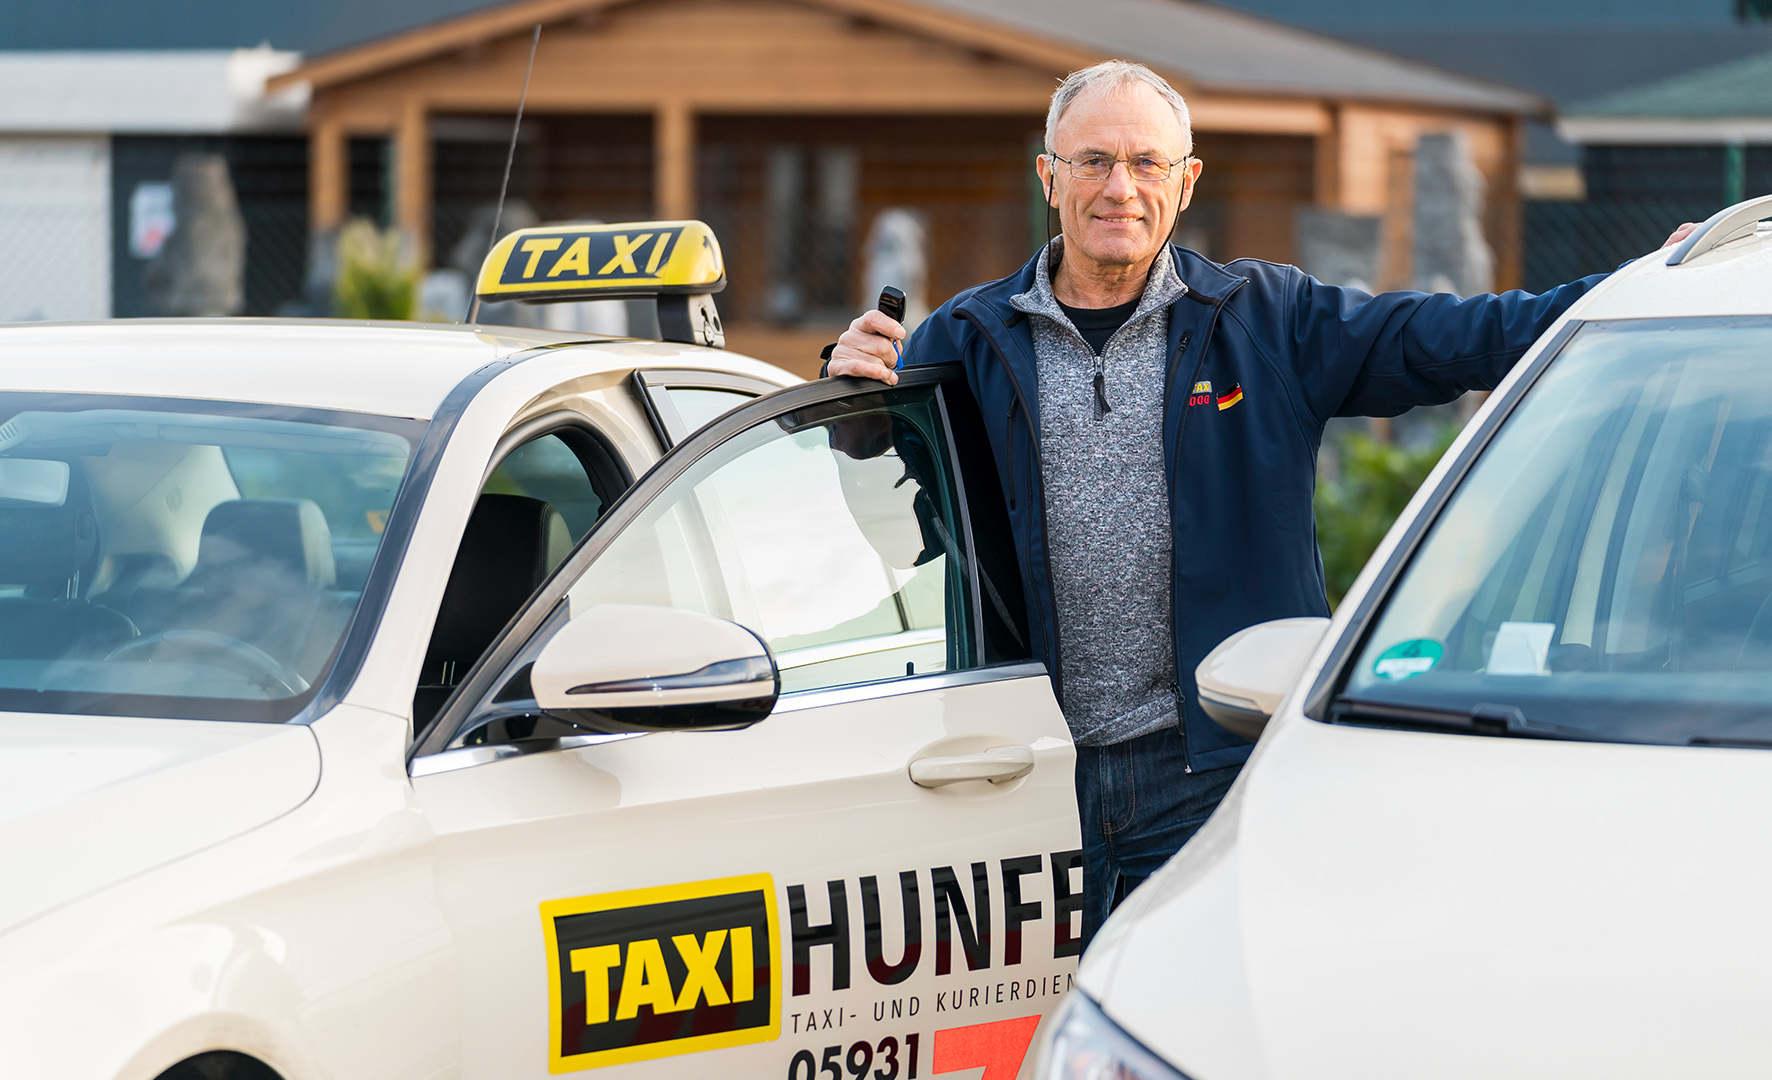 Taxi Hunfeld Meppen 2.jpg